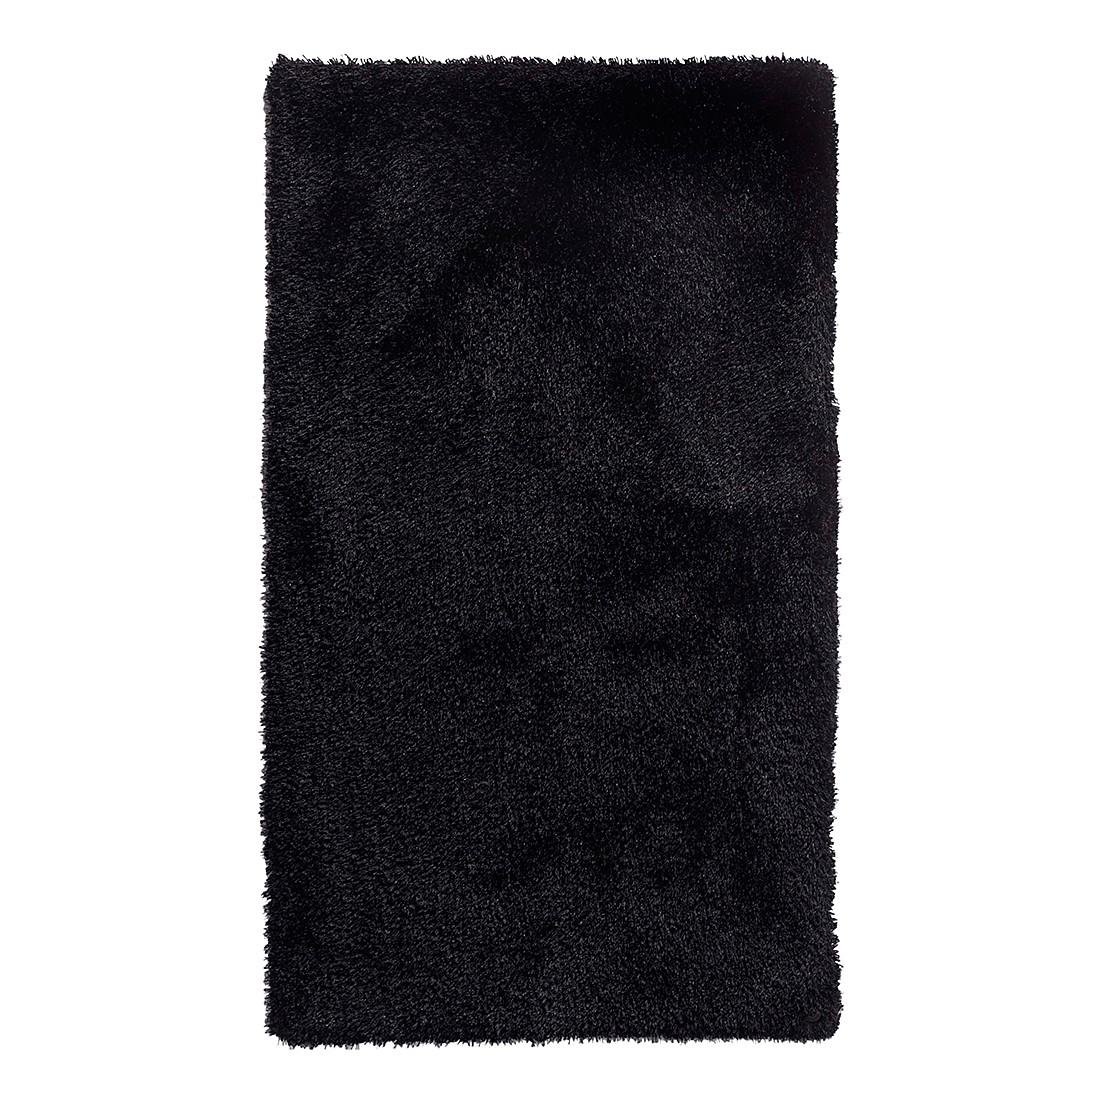 Teppich 160 X 230 Schwarz Preisvergleich • Die besten